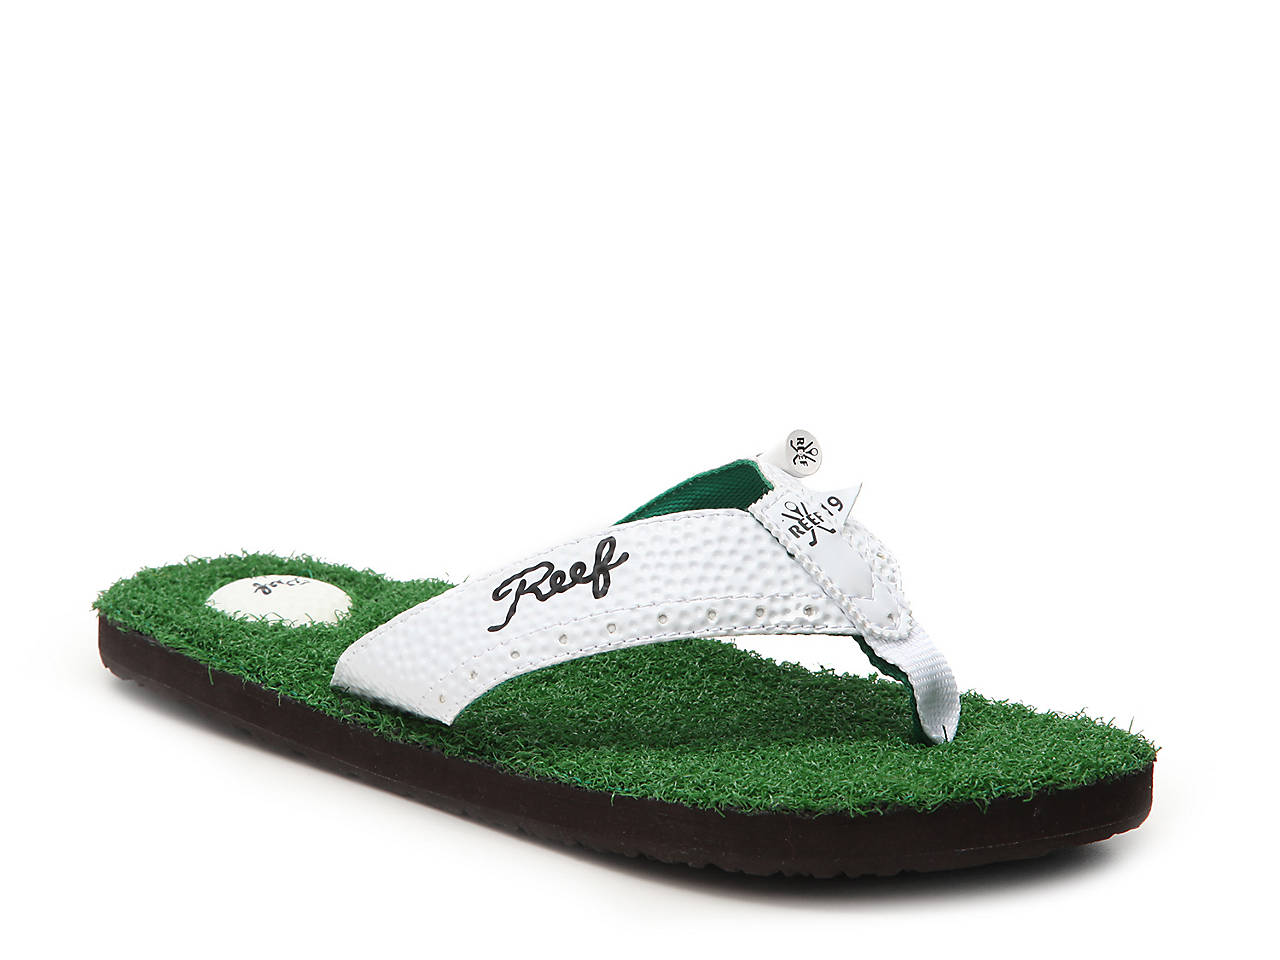 fa4ec12e300 Reef Mulligan Flip Flop Men s Shoes